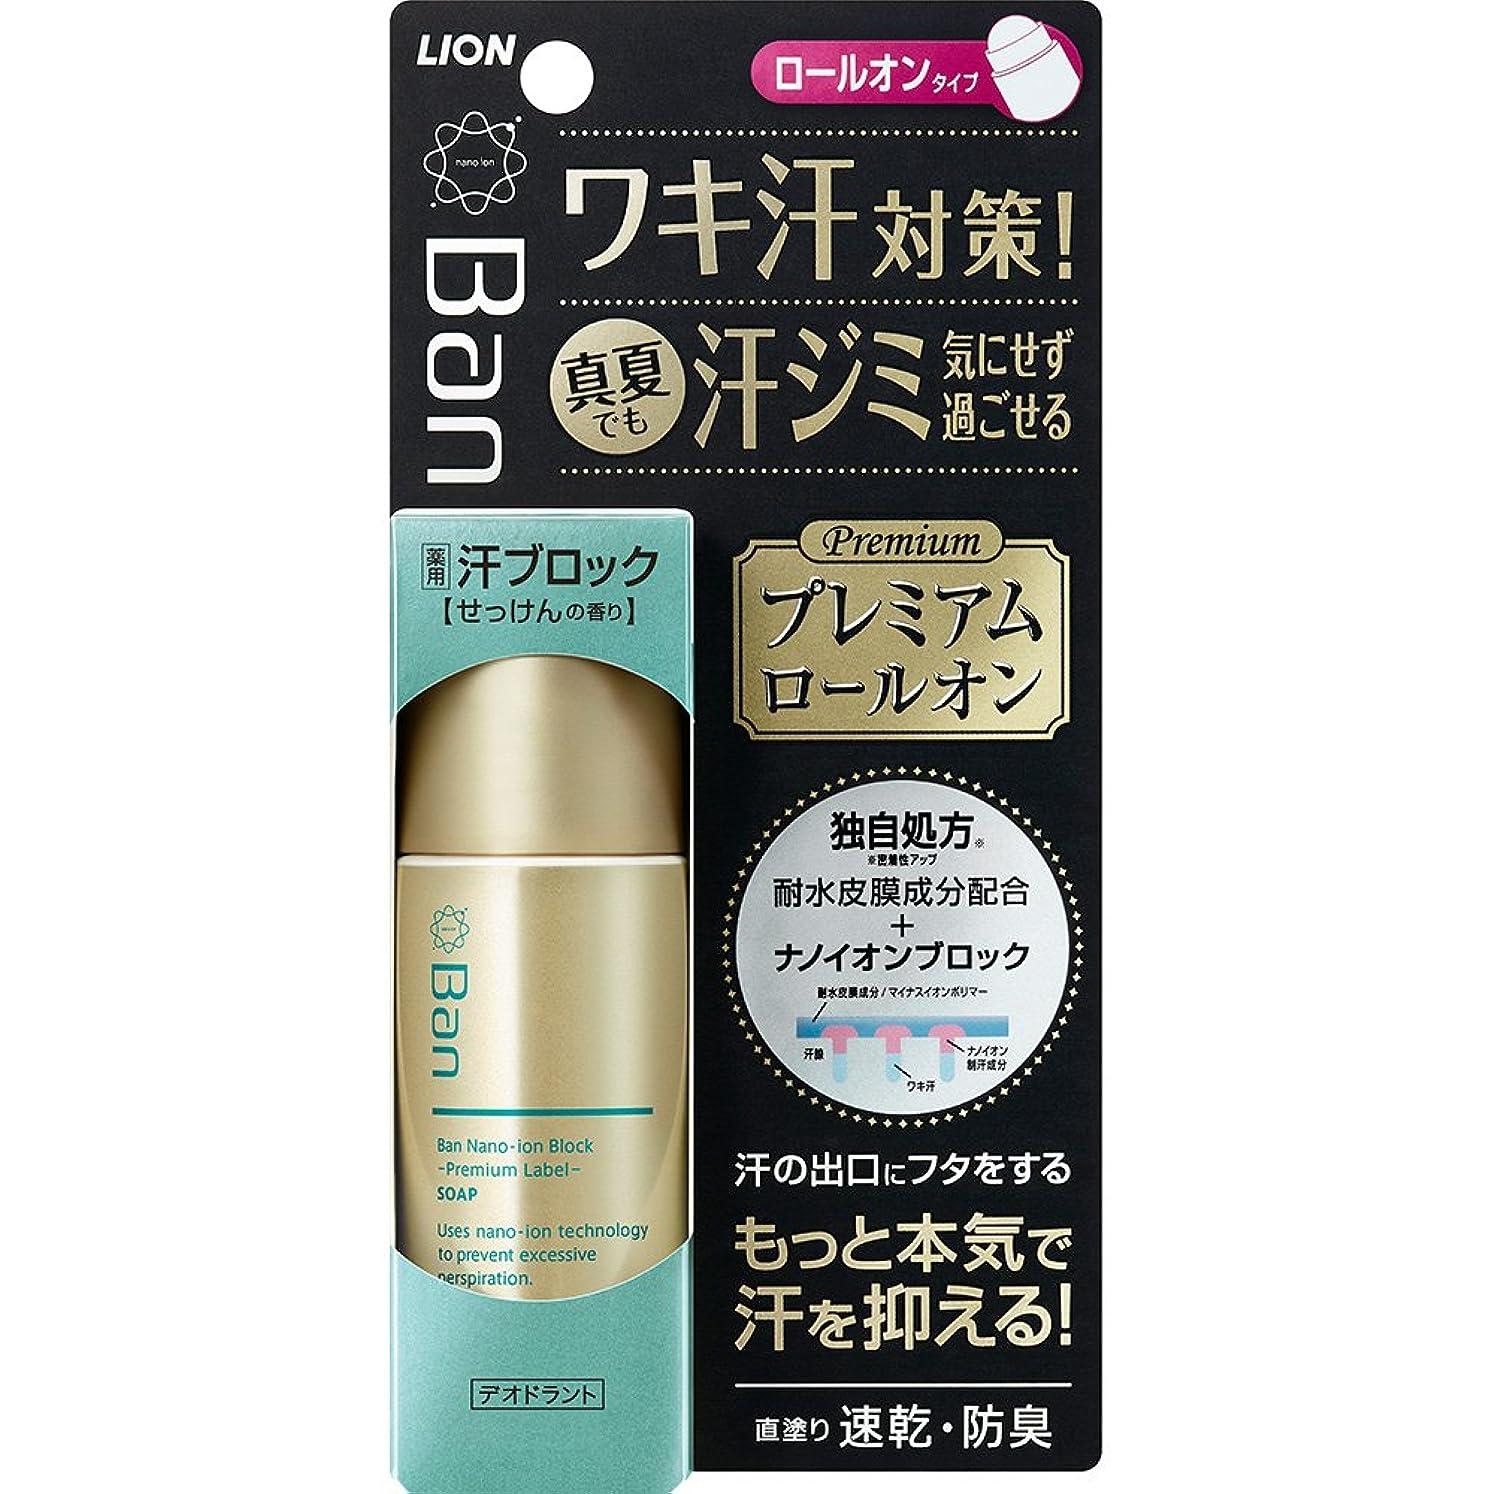 ジレンマ実装する価値のないBan(バン) 汗ブロックロールオン プレミアムラベル せっけんの香り 40ml(医薬部外品)